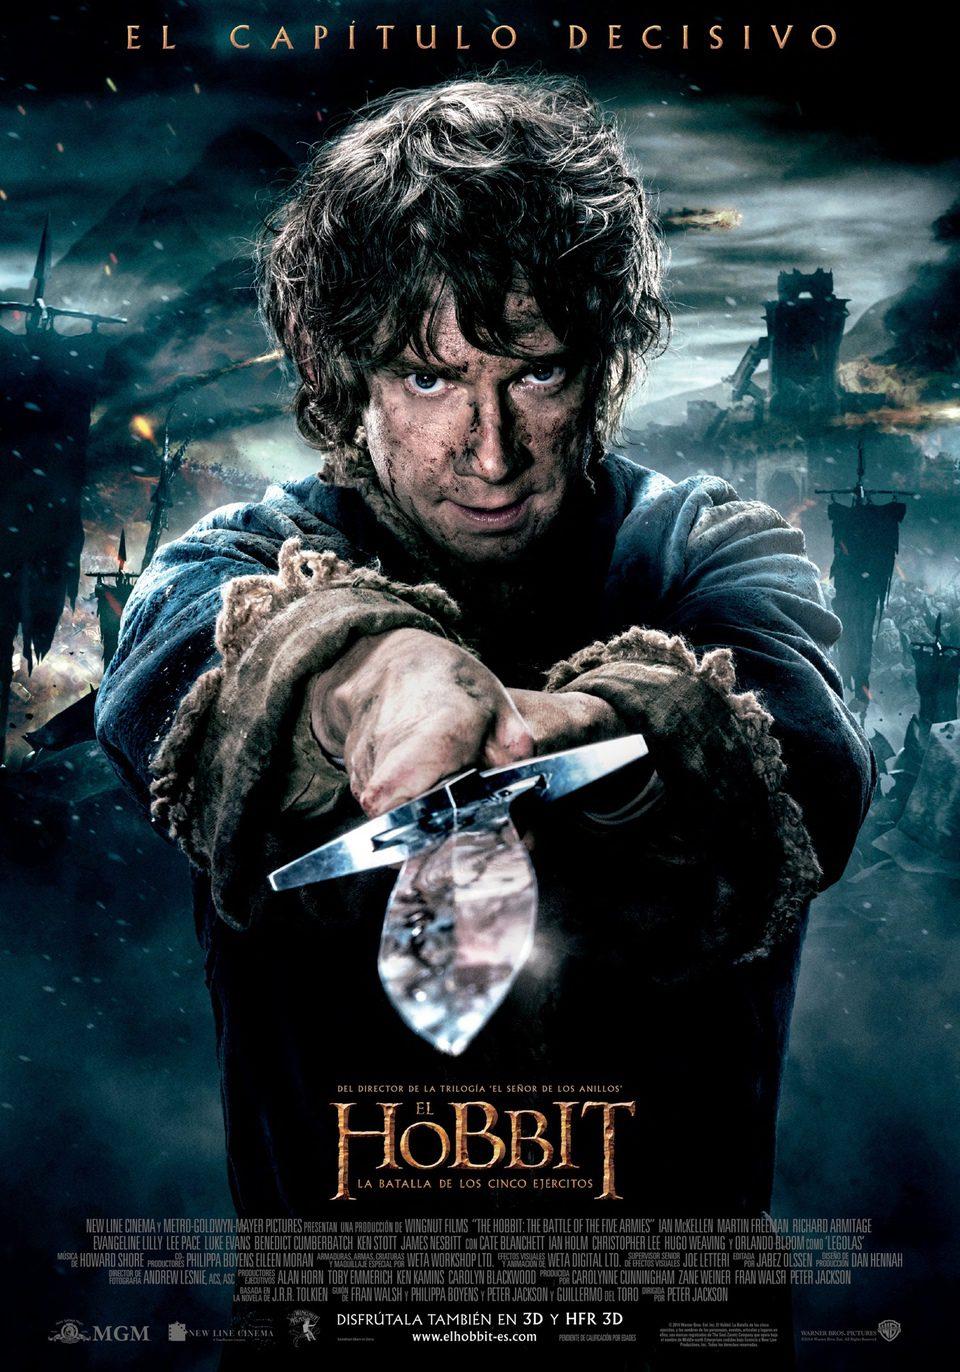 Cartel España de 'El Hobbit: La batalla de los cinco ejércitos'